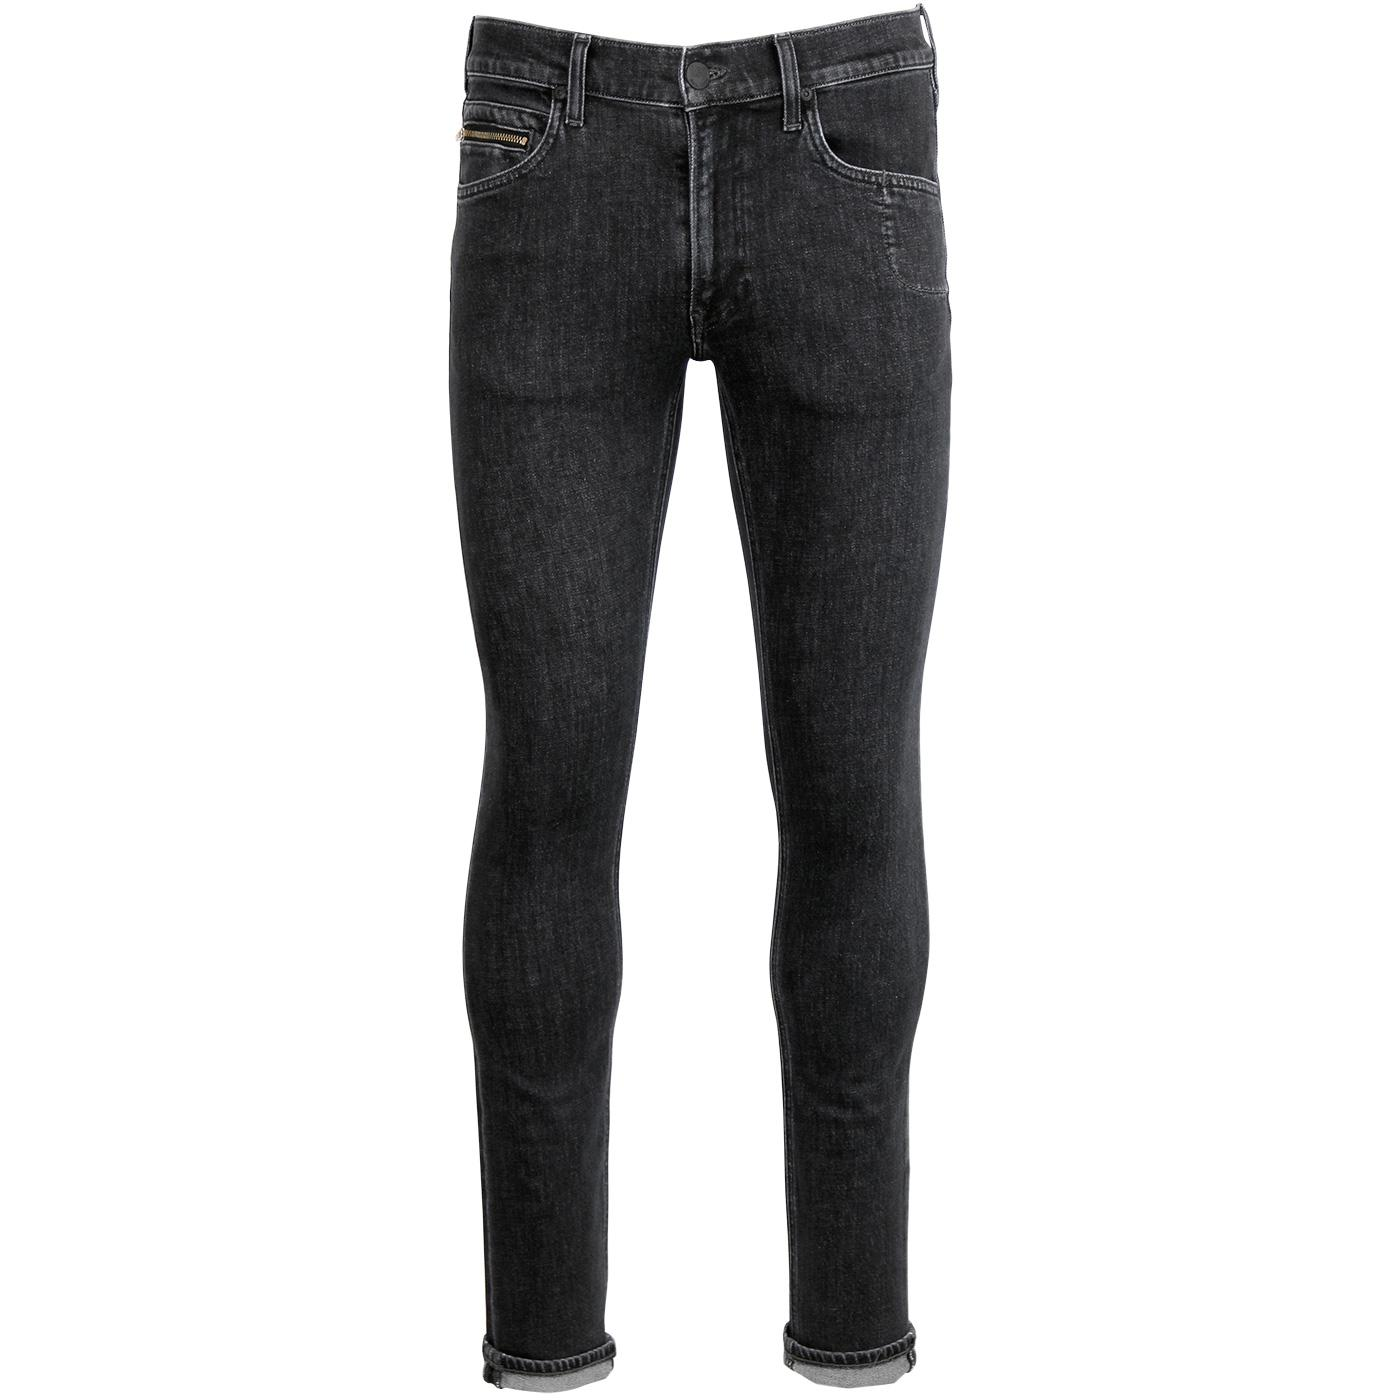 Luke Festival LEE Slim Tapered Retro Denim Jeans